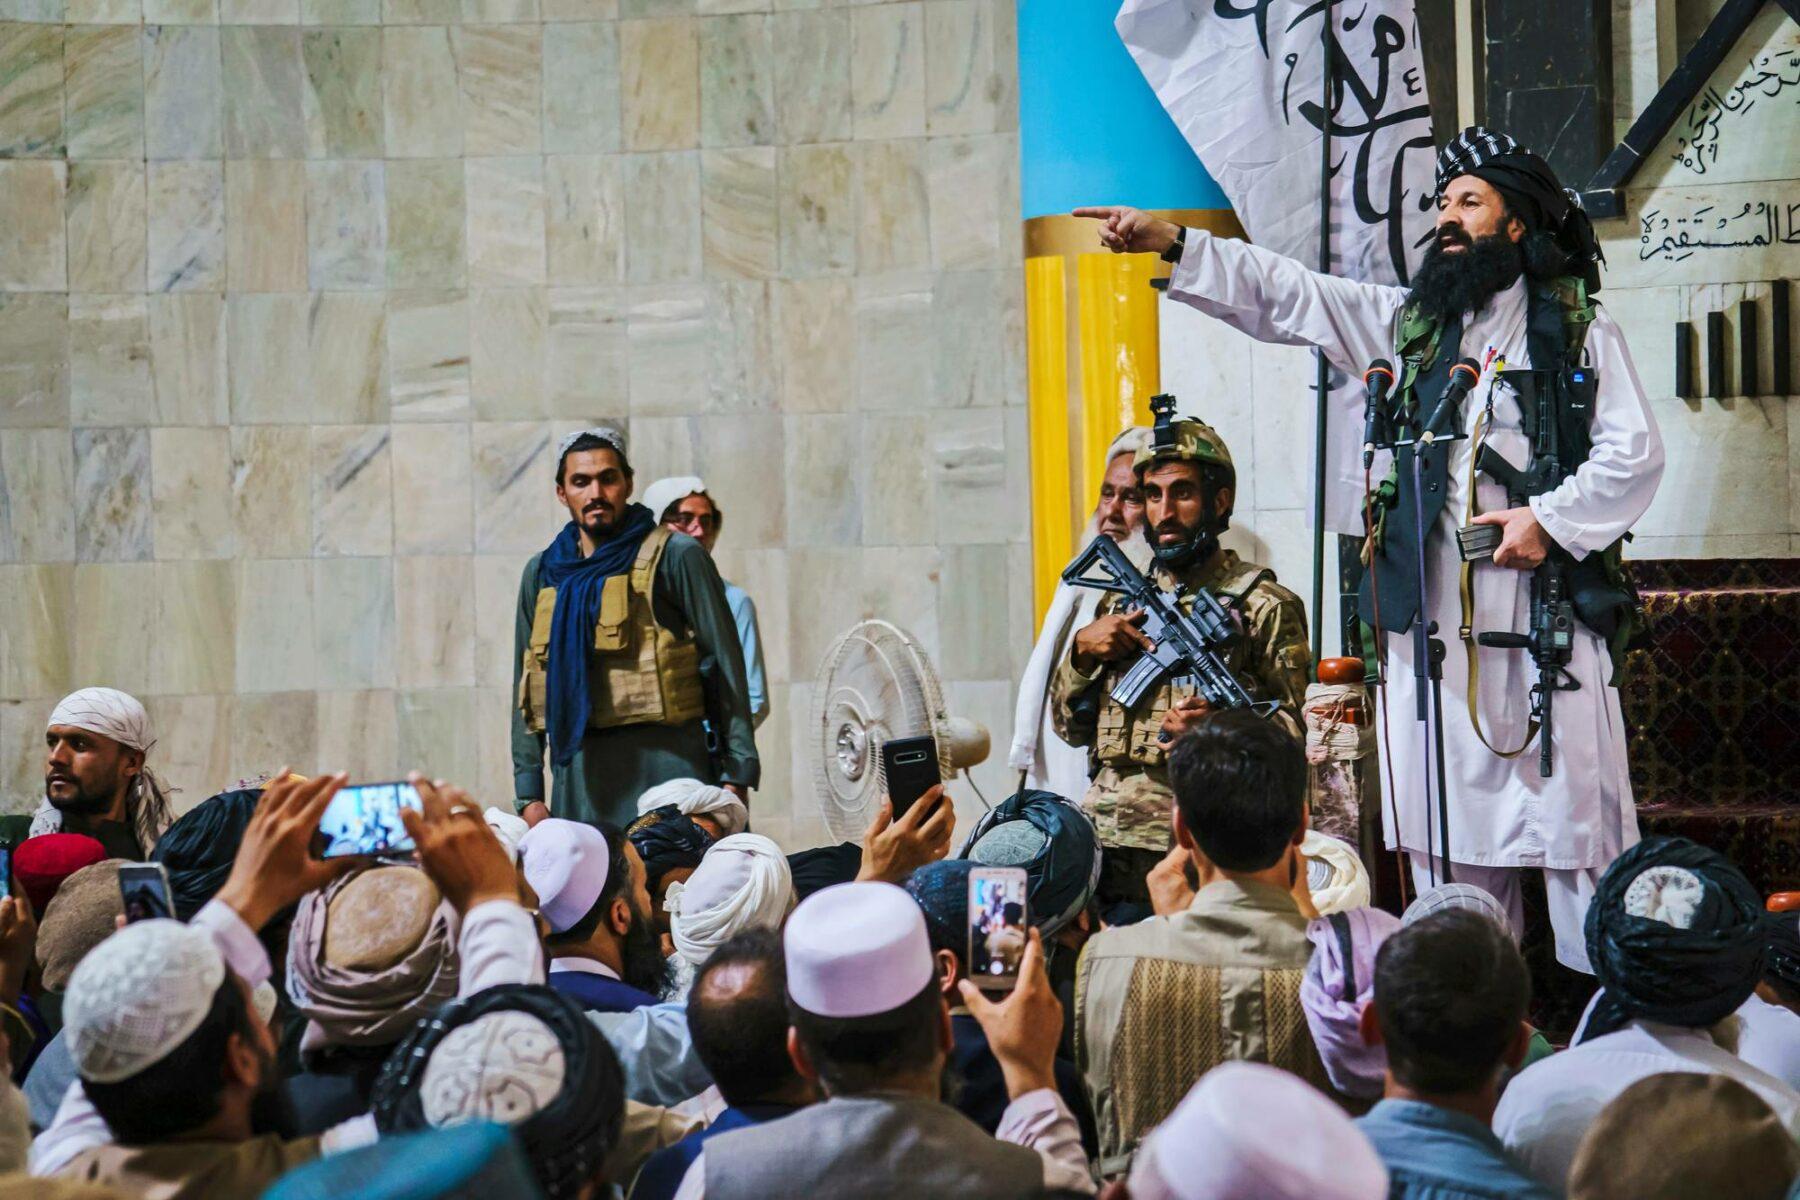 Khalil Haqqani Kabulissa 20. elokuussa. Haqqani-verkostolla on yhteyksiä Pakistanin sotilastiedustelupalvelu ISI:hin. Khalin Haqqani nimitettiin syyskuussa Afganistanin uuden hallituksen pakolaisasioista vastaavaksi ministeriksi.